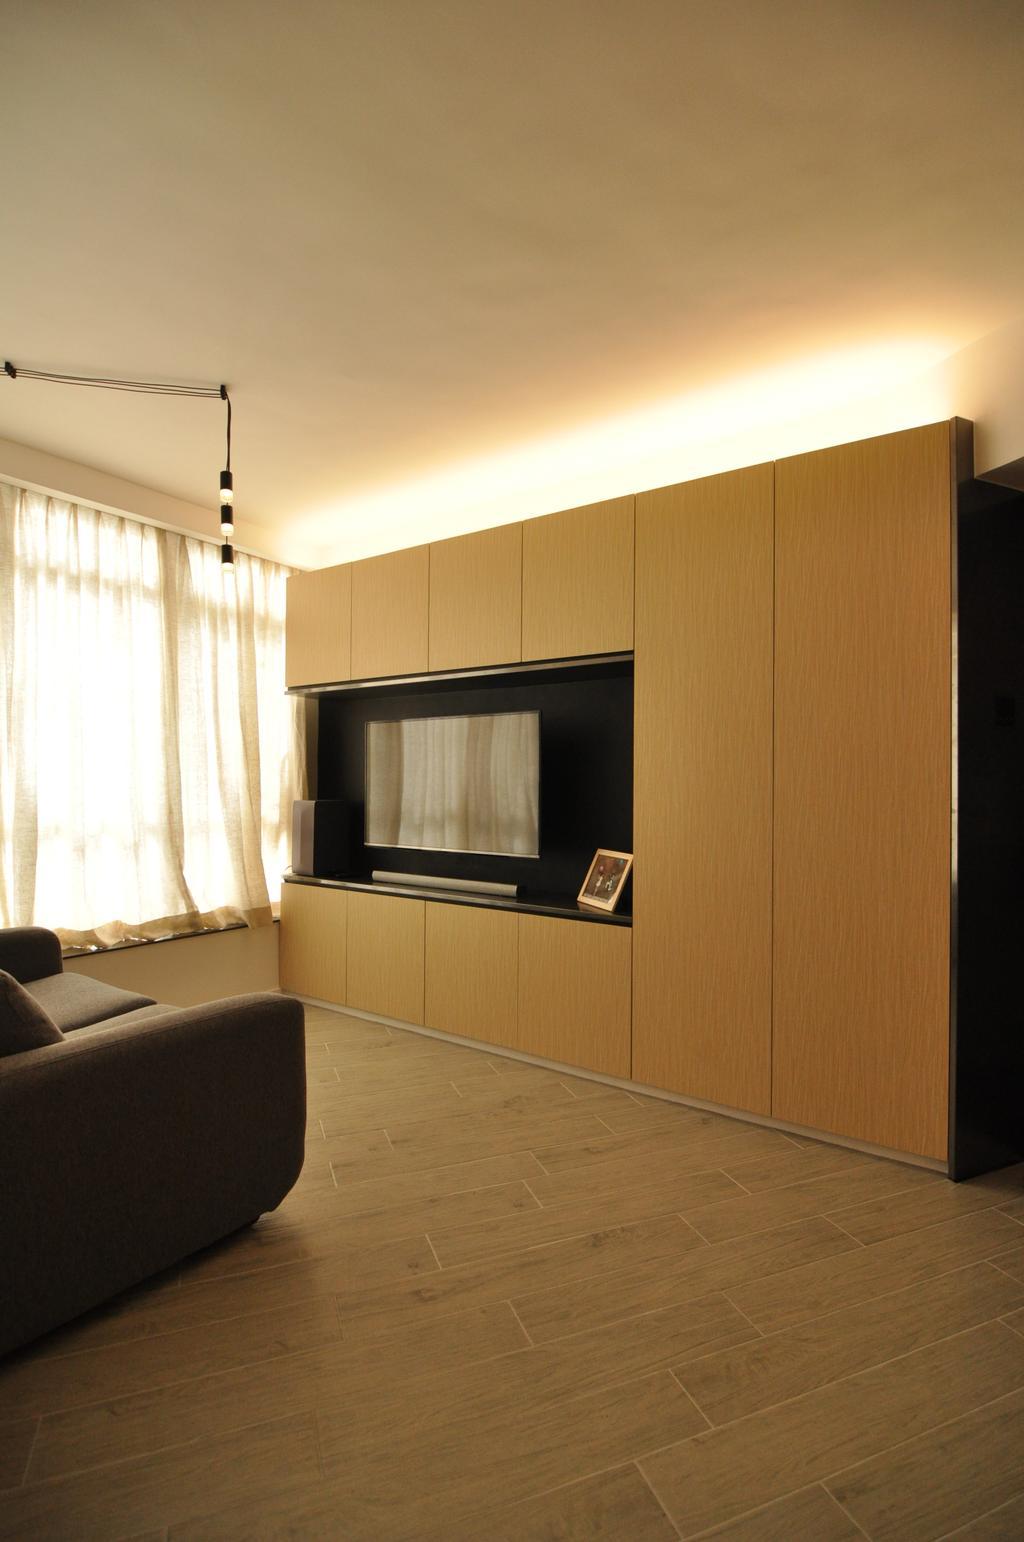 簡約, 私家樓, 客廳, 康怡花園, 室內設計師, Mister Glory, Couch, Furniture, Indoors, Interior Design